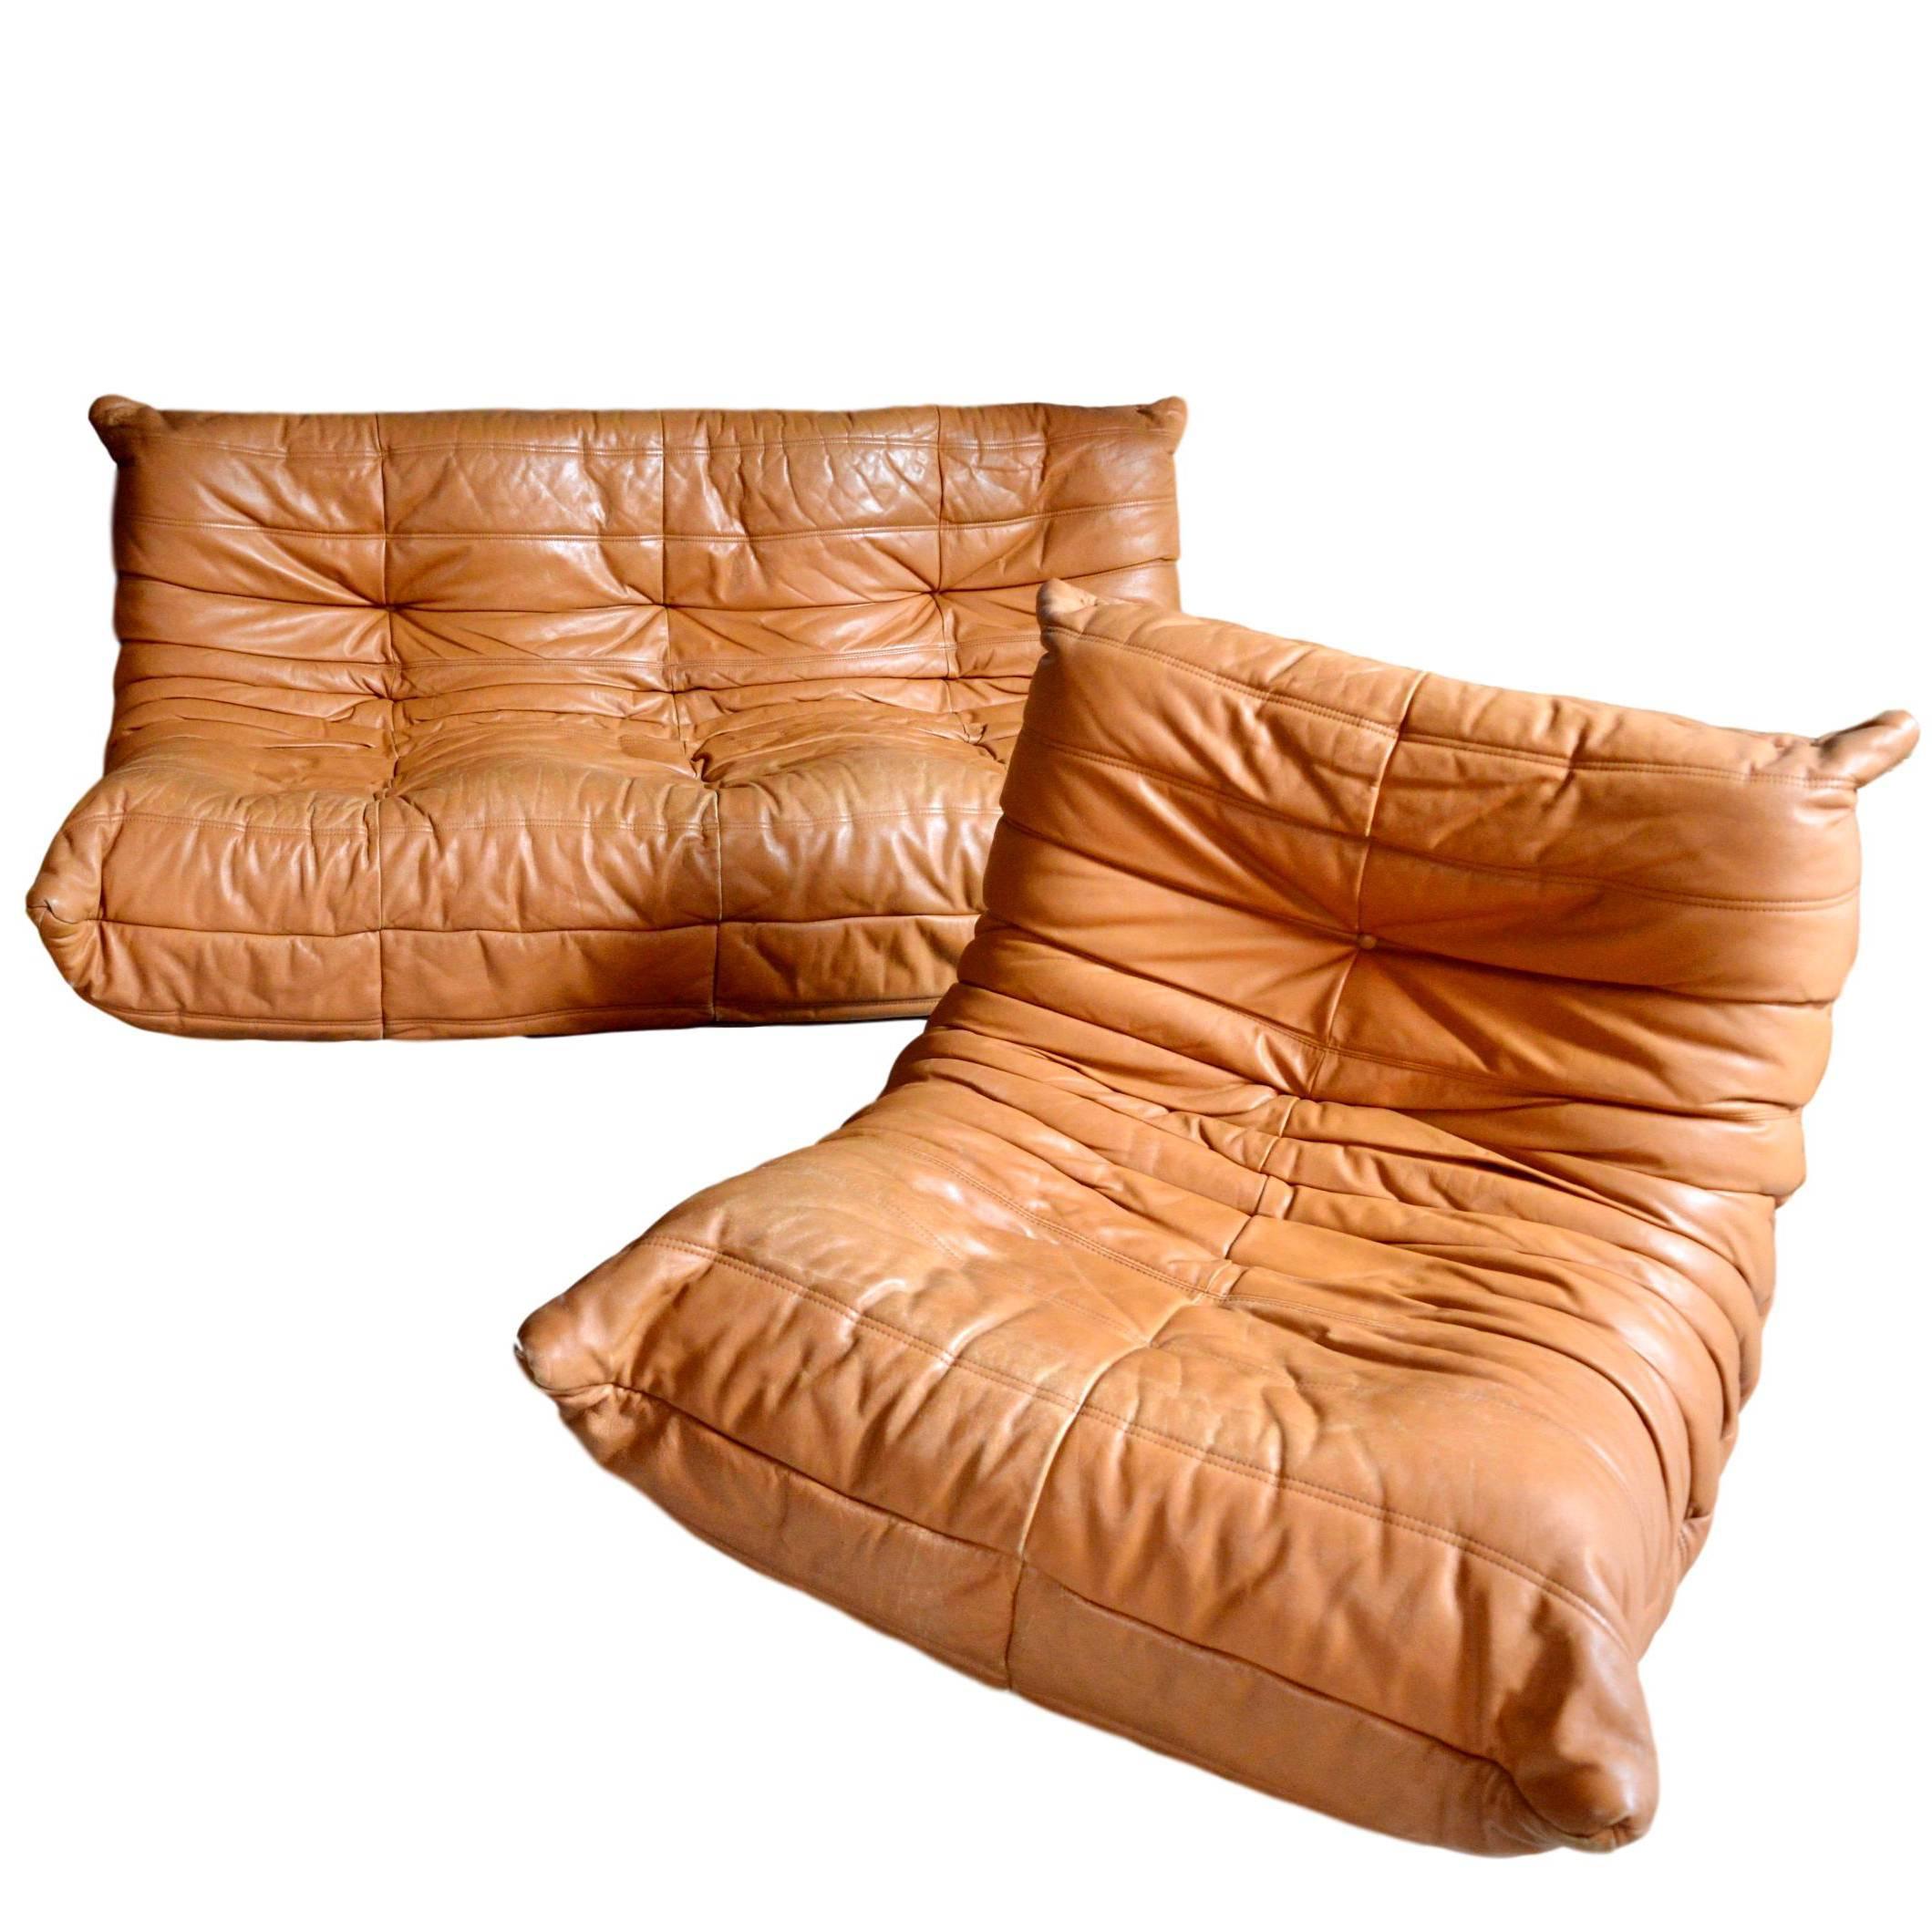 Vintage Original Saddle Leather Ligne Roset Togo Sofa And Fireside Chair  For Sale